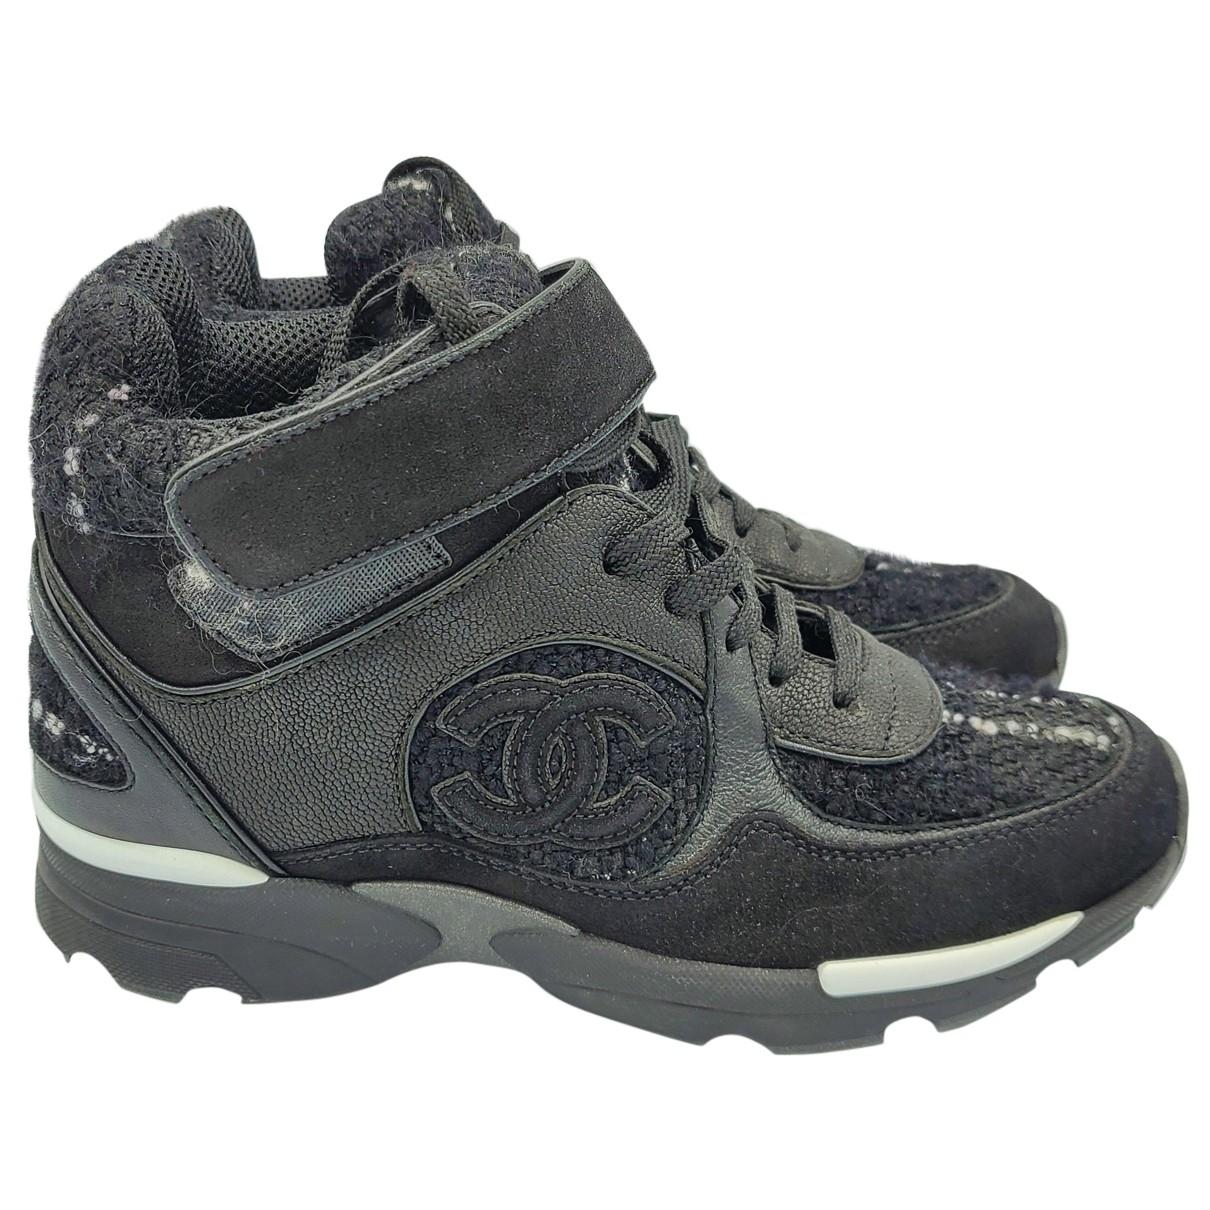 Chanel \N Sneakers in  Schwarz Tweed